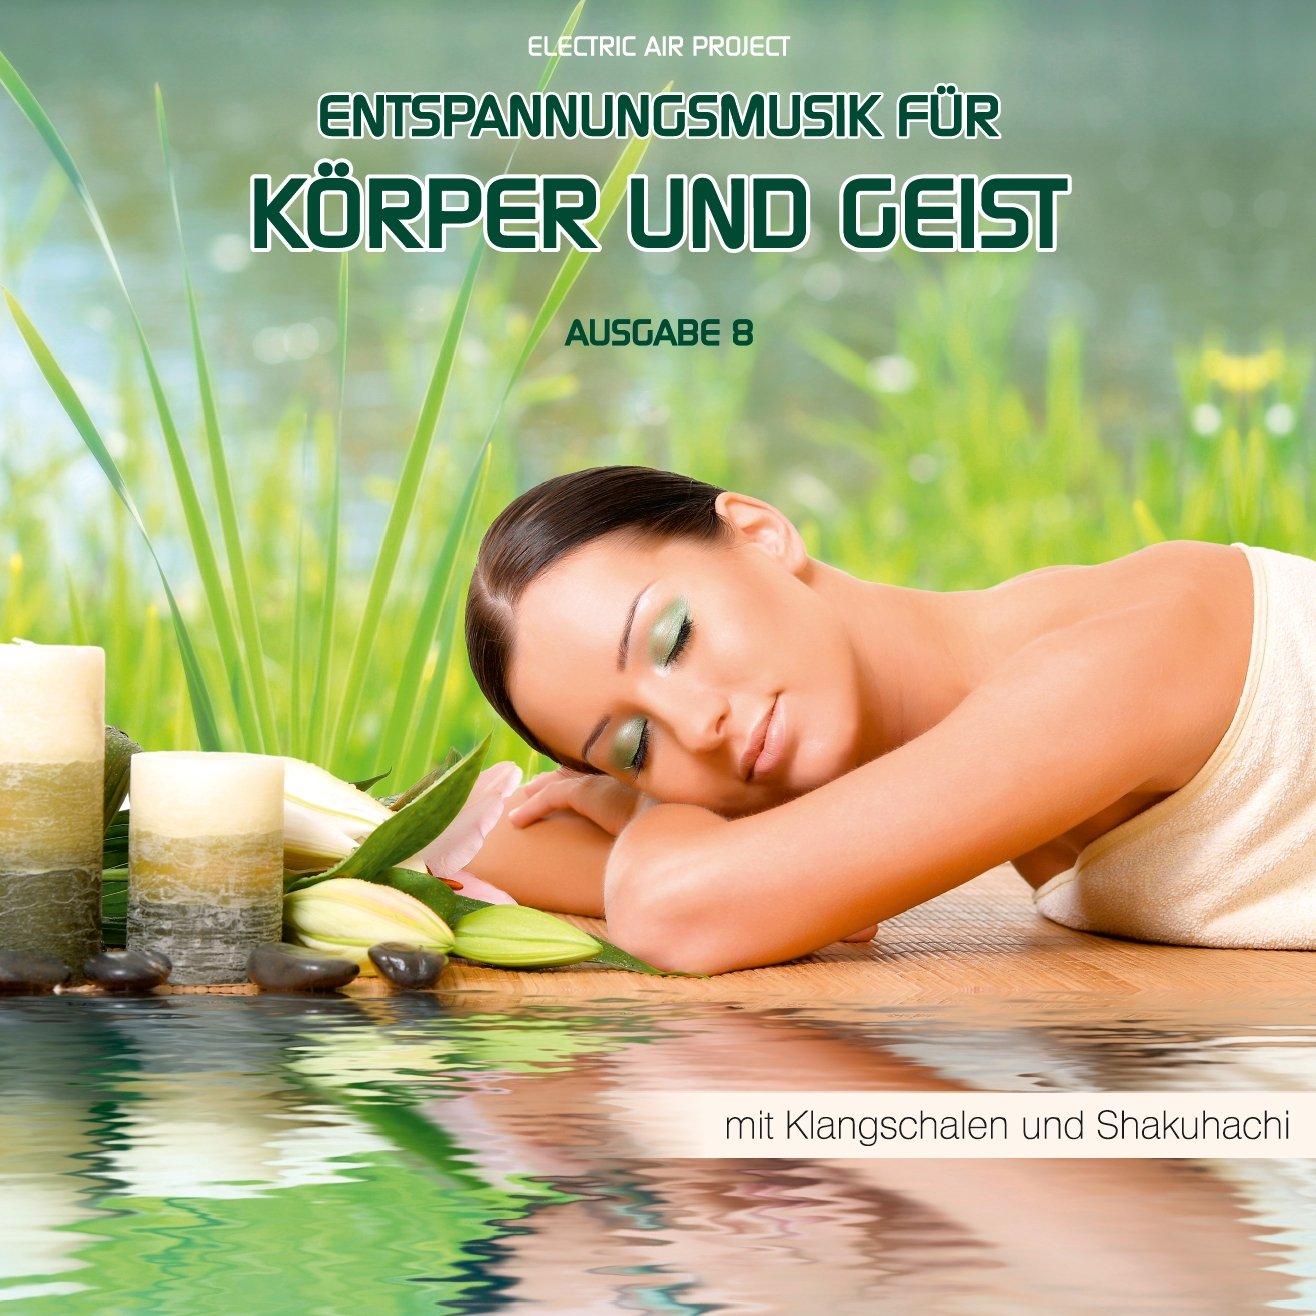 entspannungsmusik-fr-krper-und-geist-8-fr-meditation-und-tiefenentspannung-mit-klangschalen-gemafrei-lizenz-optional